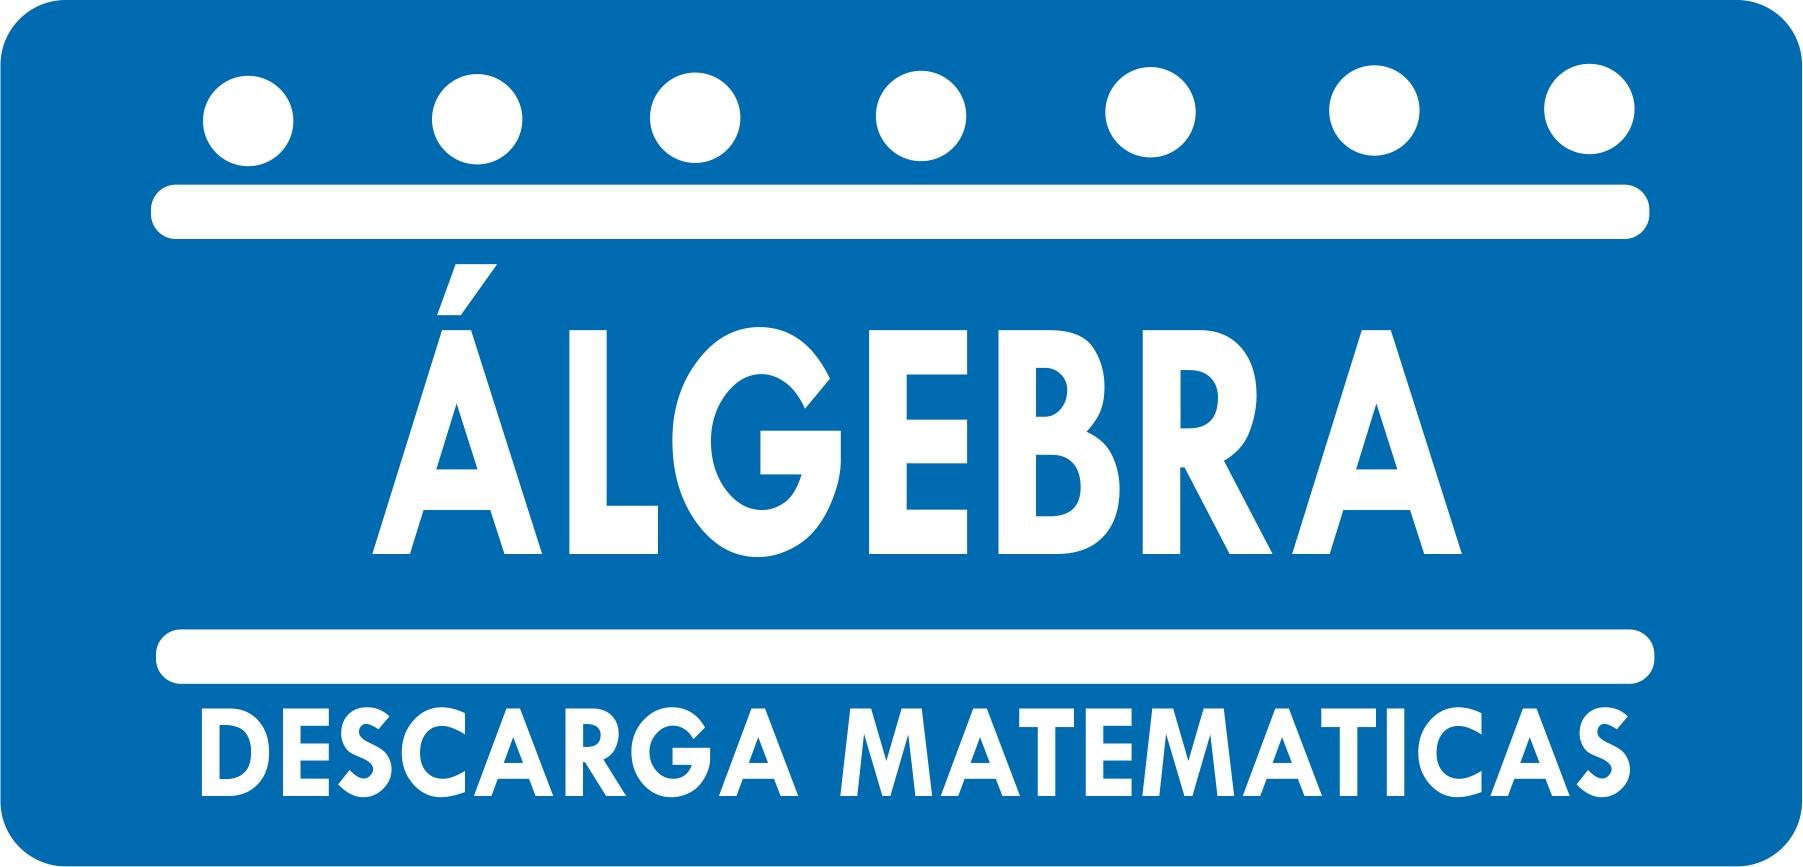 descarga matematicas algebra